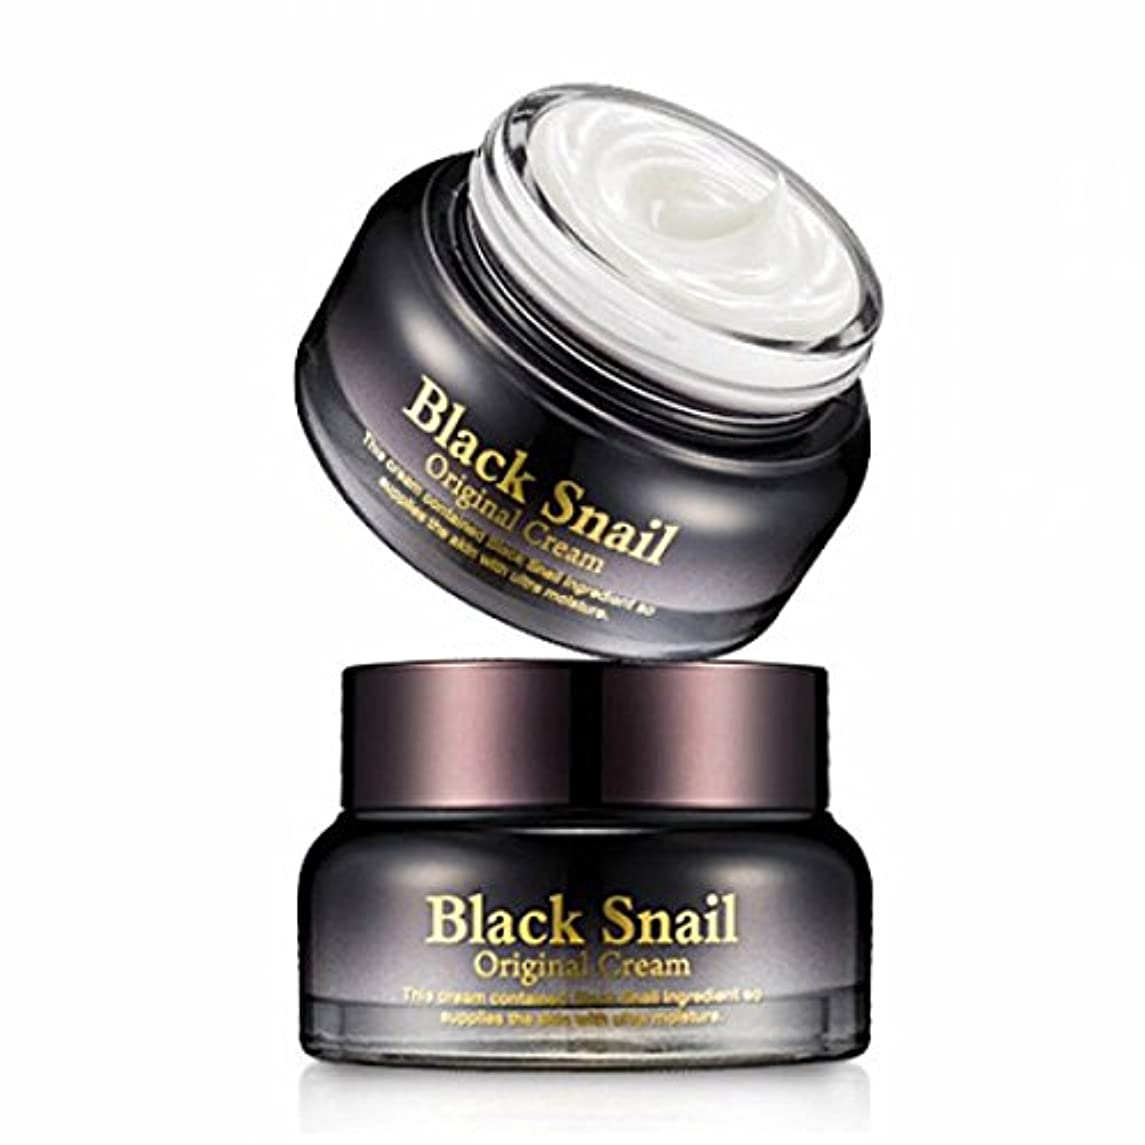 瞑想的クランシー痛みシークレットキー [韓国コスメ Secret Key] ブラックスネイル オリジナルクリーム Secret Key Black Snail Original Cream [並行輸入品]